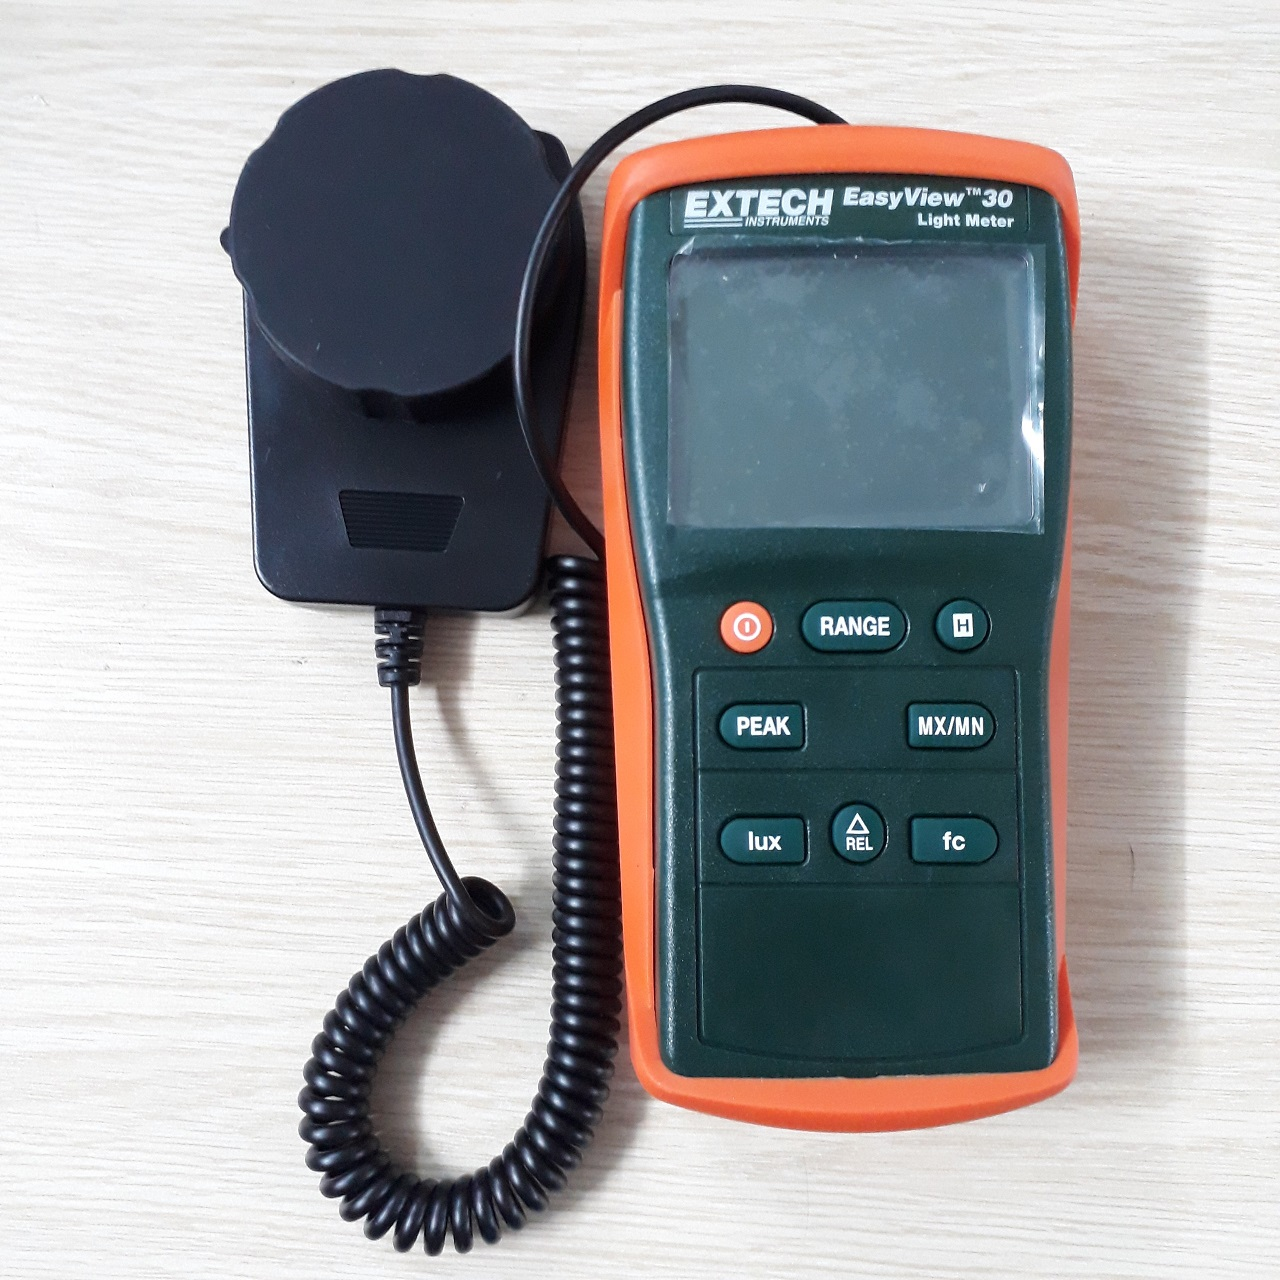 Hiệu chuẩn máy đo cường độ ánh sáng 40-400000 luxEA30 Extech